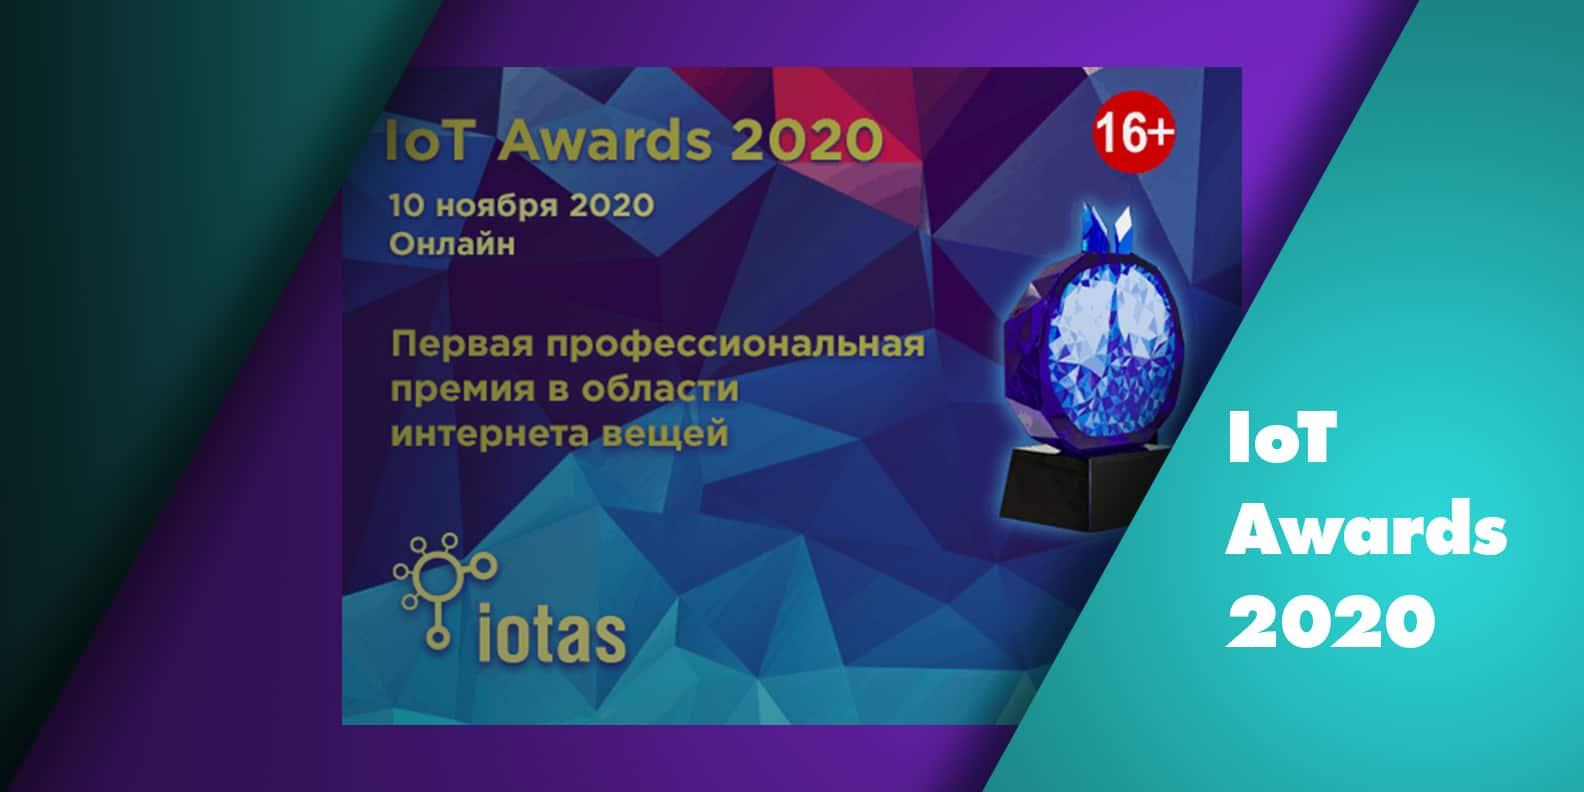 Совместная заявка Сколтеха и компании GoodWAN «Открытая LPWAN технология для интернета вещей OpenUNB на базе протокола GoodWAN для широкого применения в энергоэффективных устройствах IoT» победила в номинации «Умные вещи и…